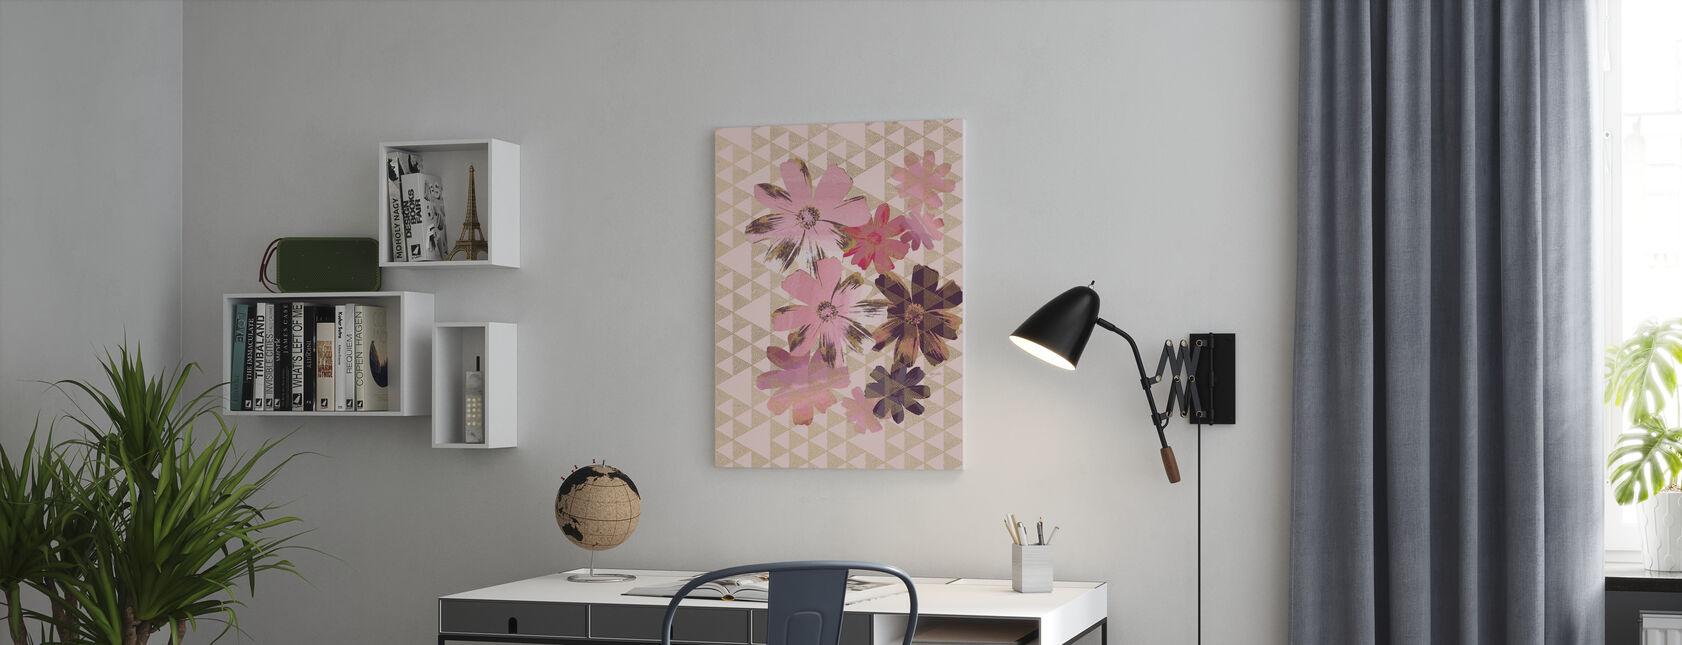 Kimono Tusindfryd 1 - Billede på lærred - Kontor